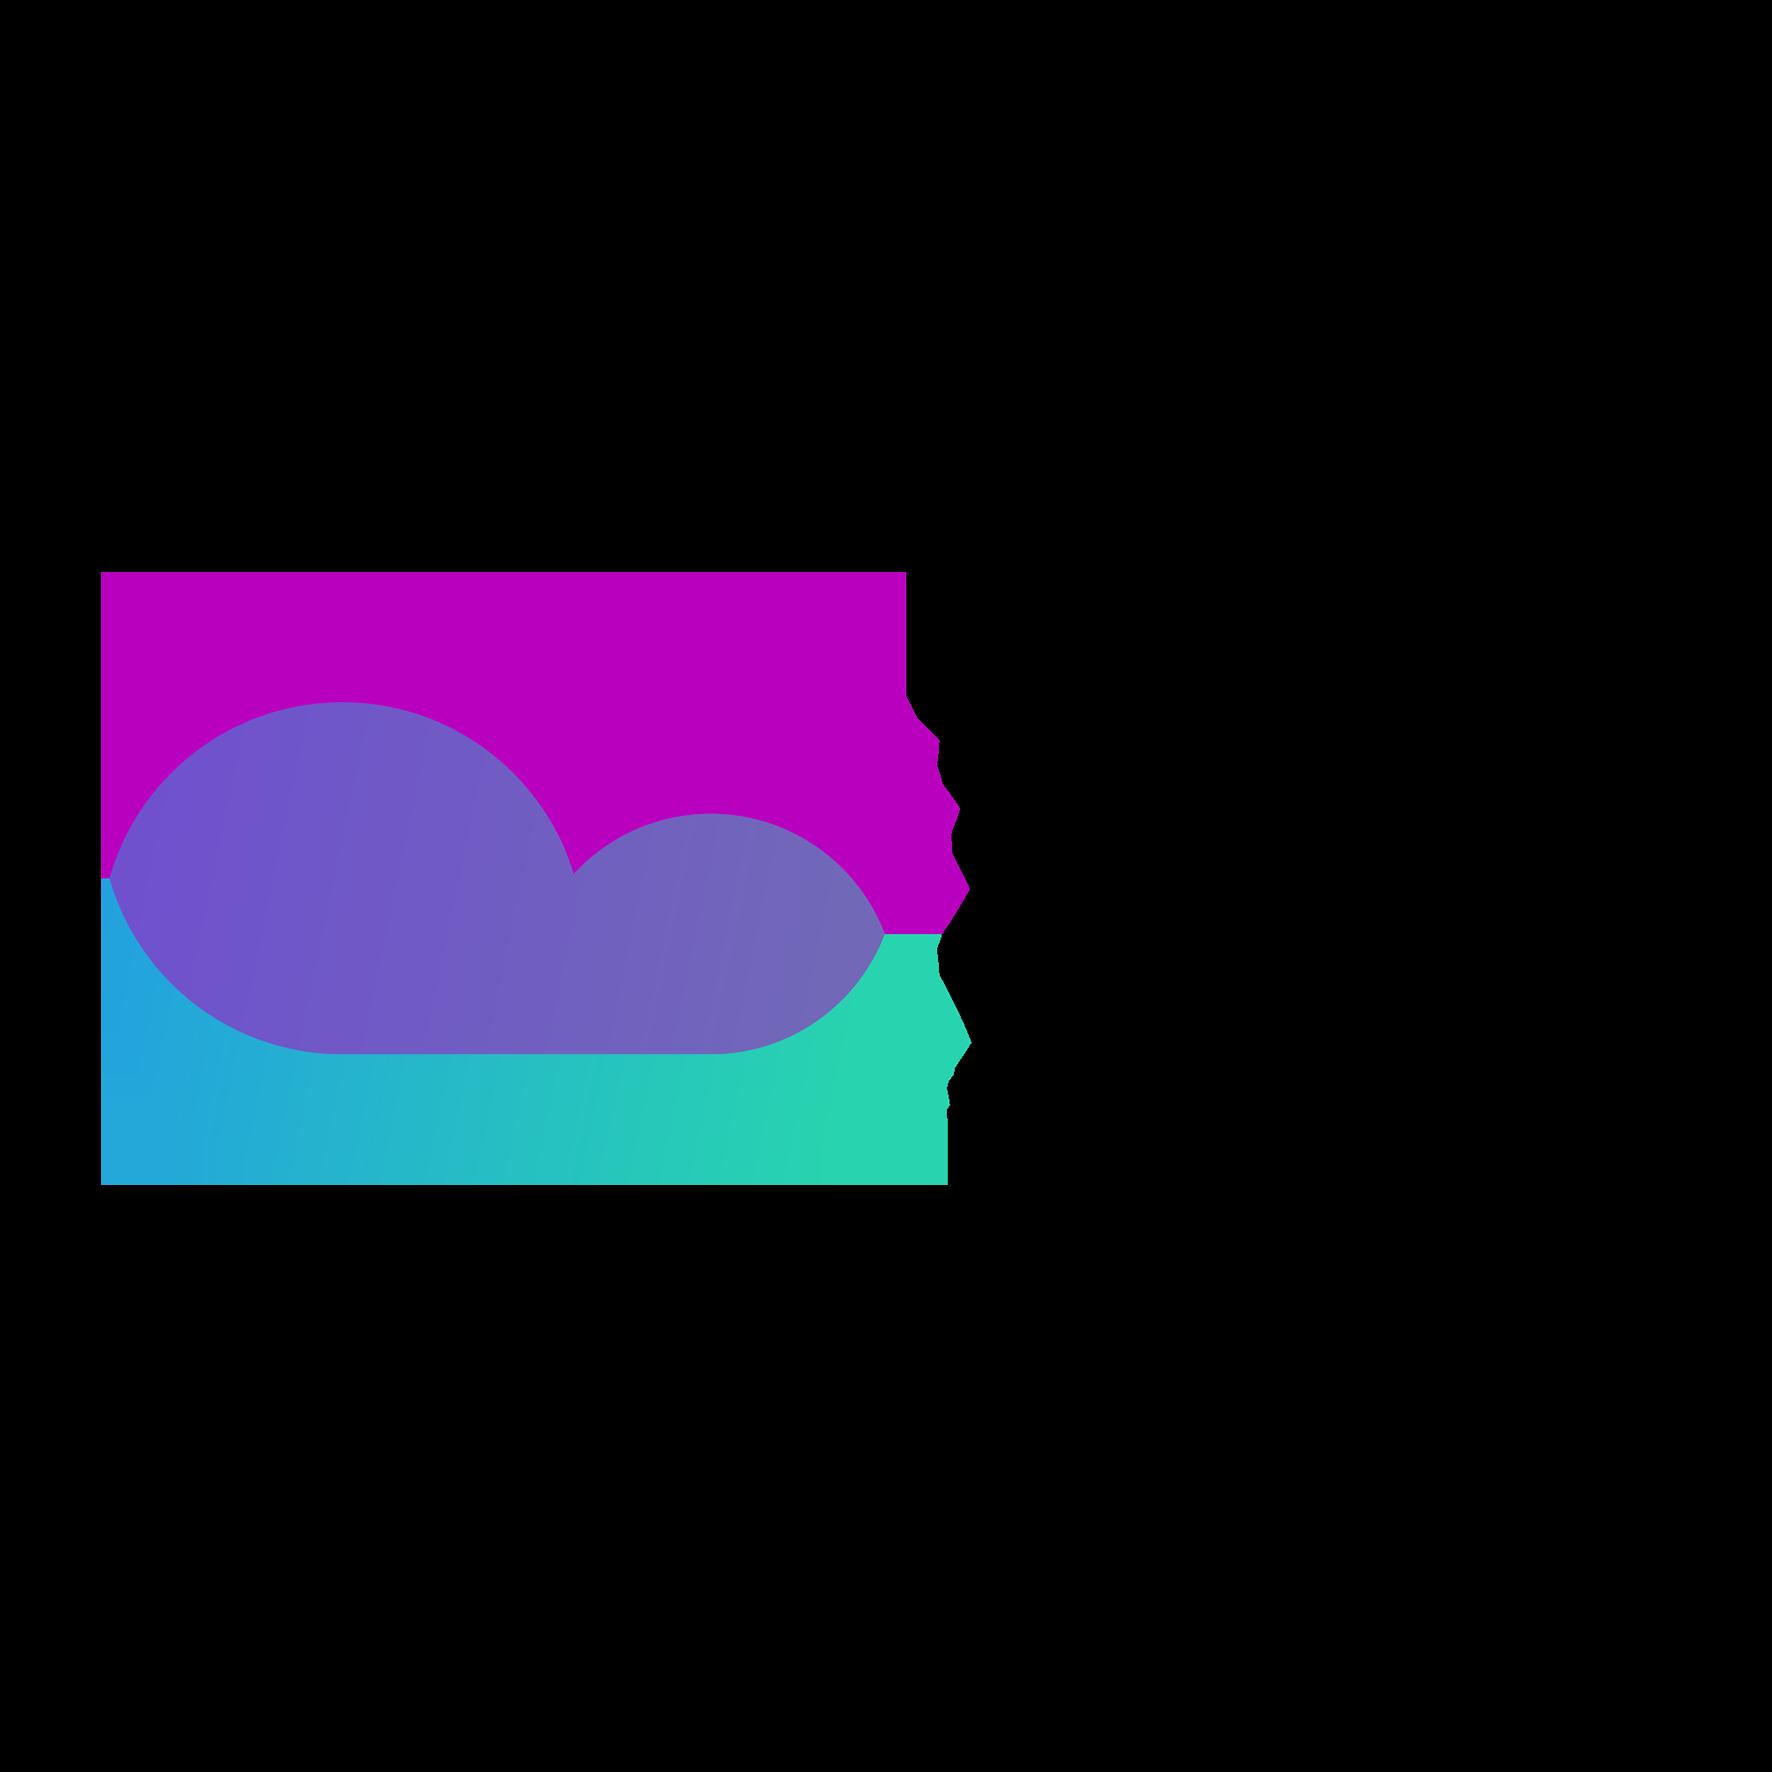 go运行环境(CentOS 7.8 64位)